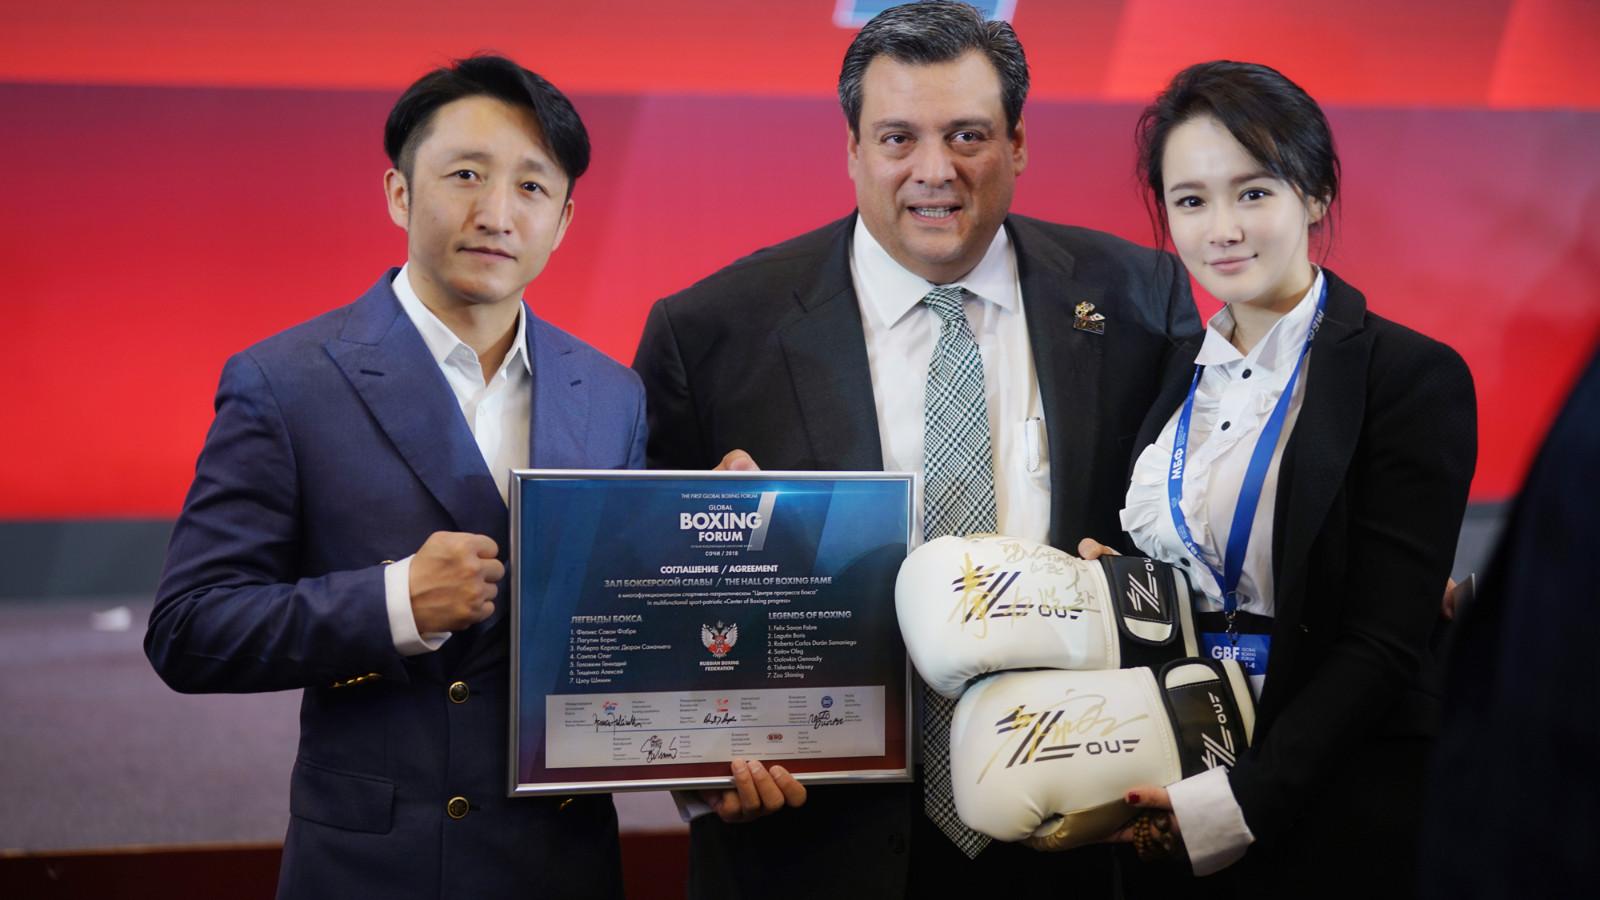 邹市明入选拳击名人堂 成中国拳击历史第一人